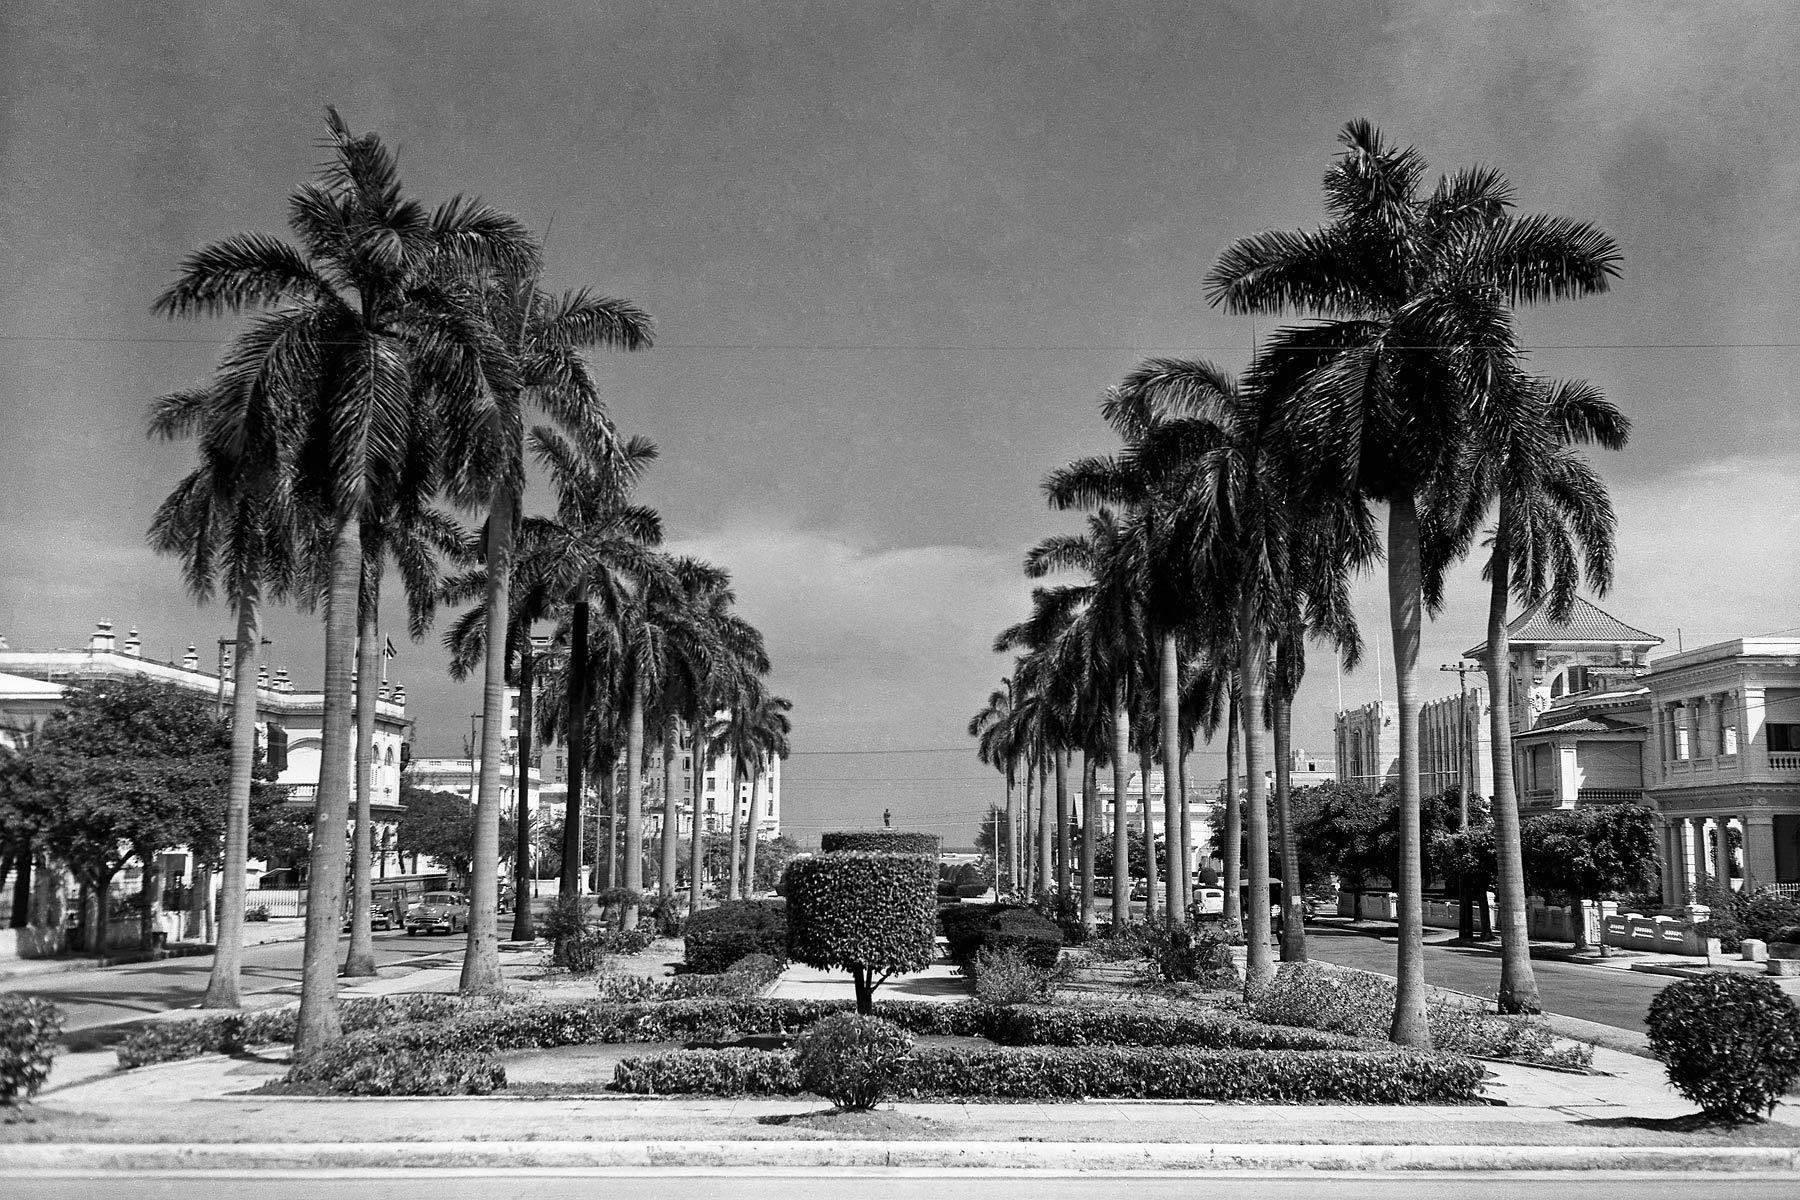 Royal Palms, El Vedado, Havana 1954